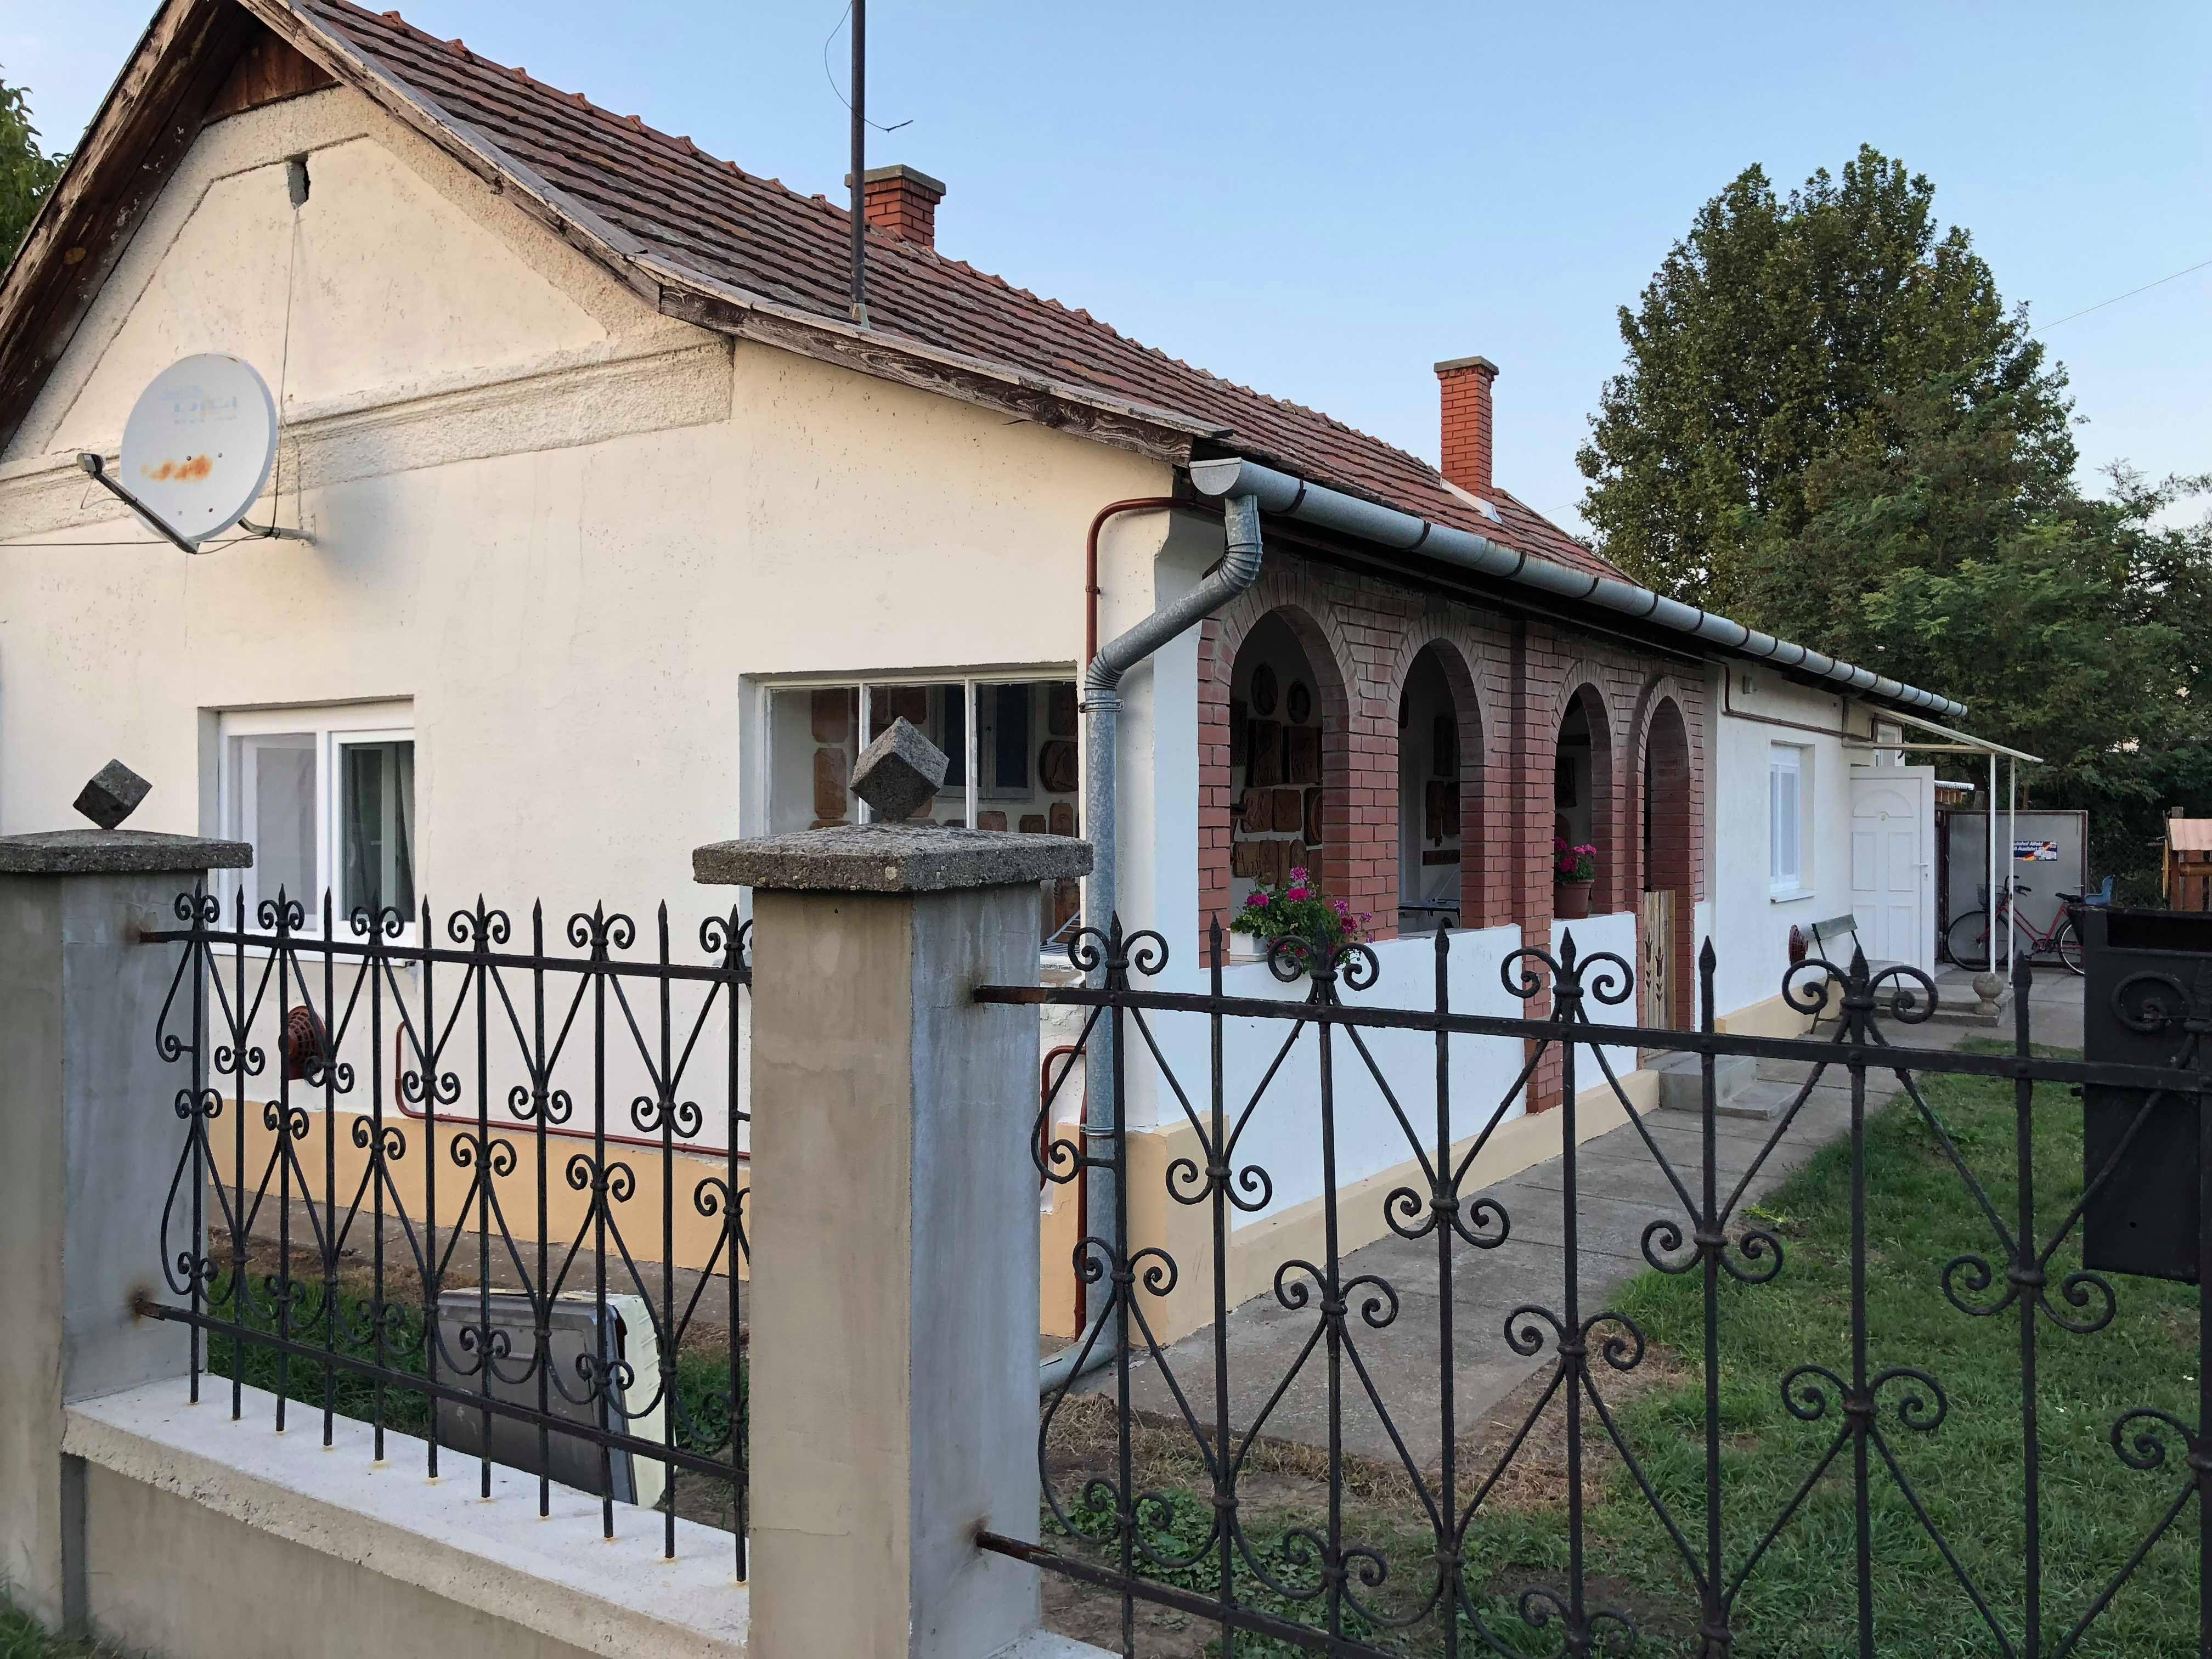 Saját családjának utalta ki soron kívül a város egyetlen felújított önkormányzati bérlakását Tiszafüred polgármestere